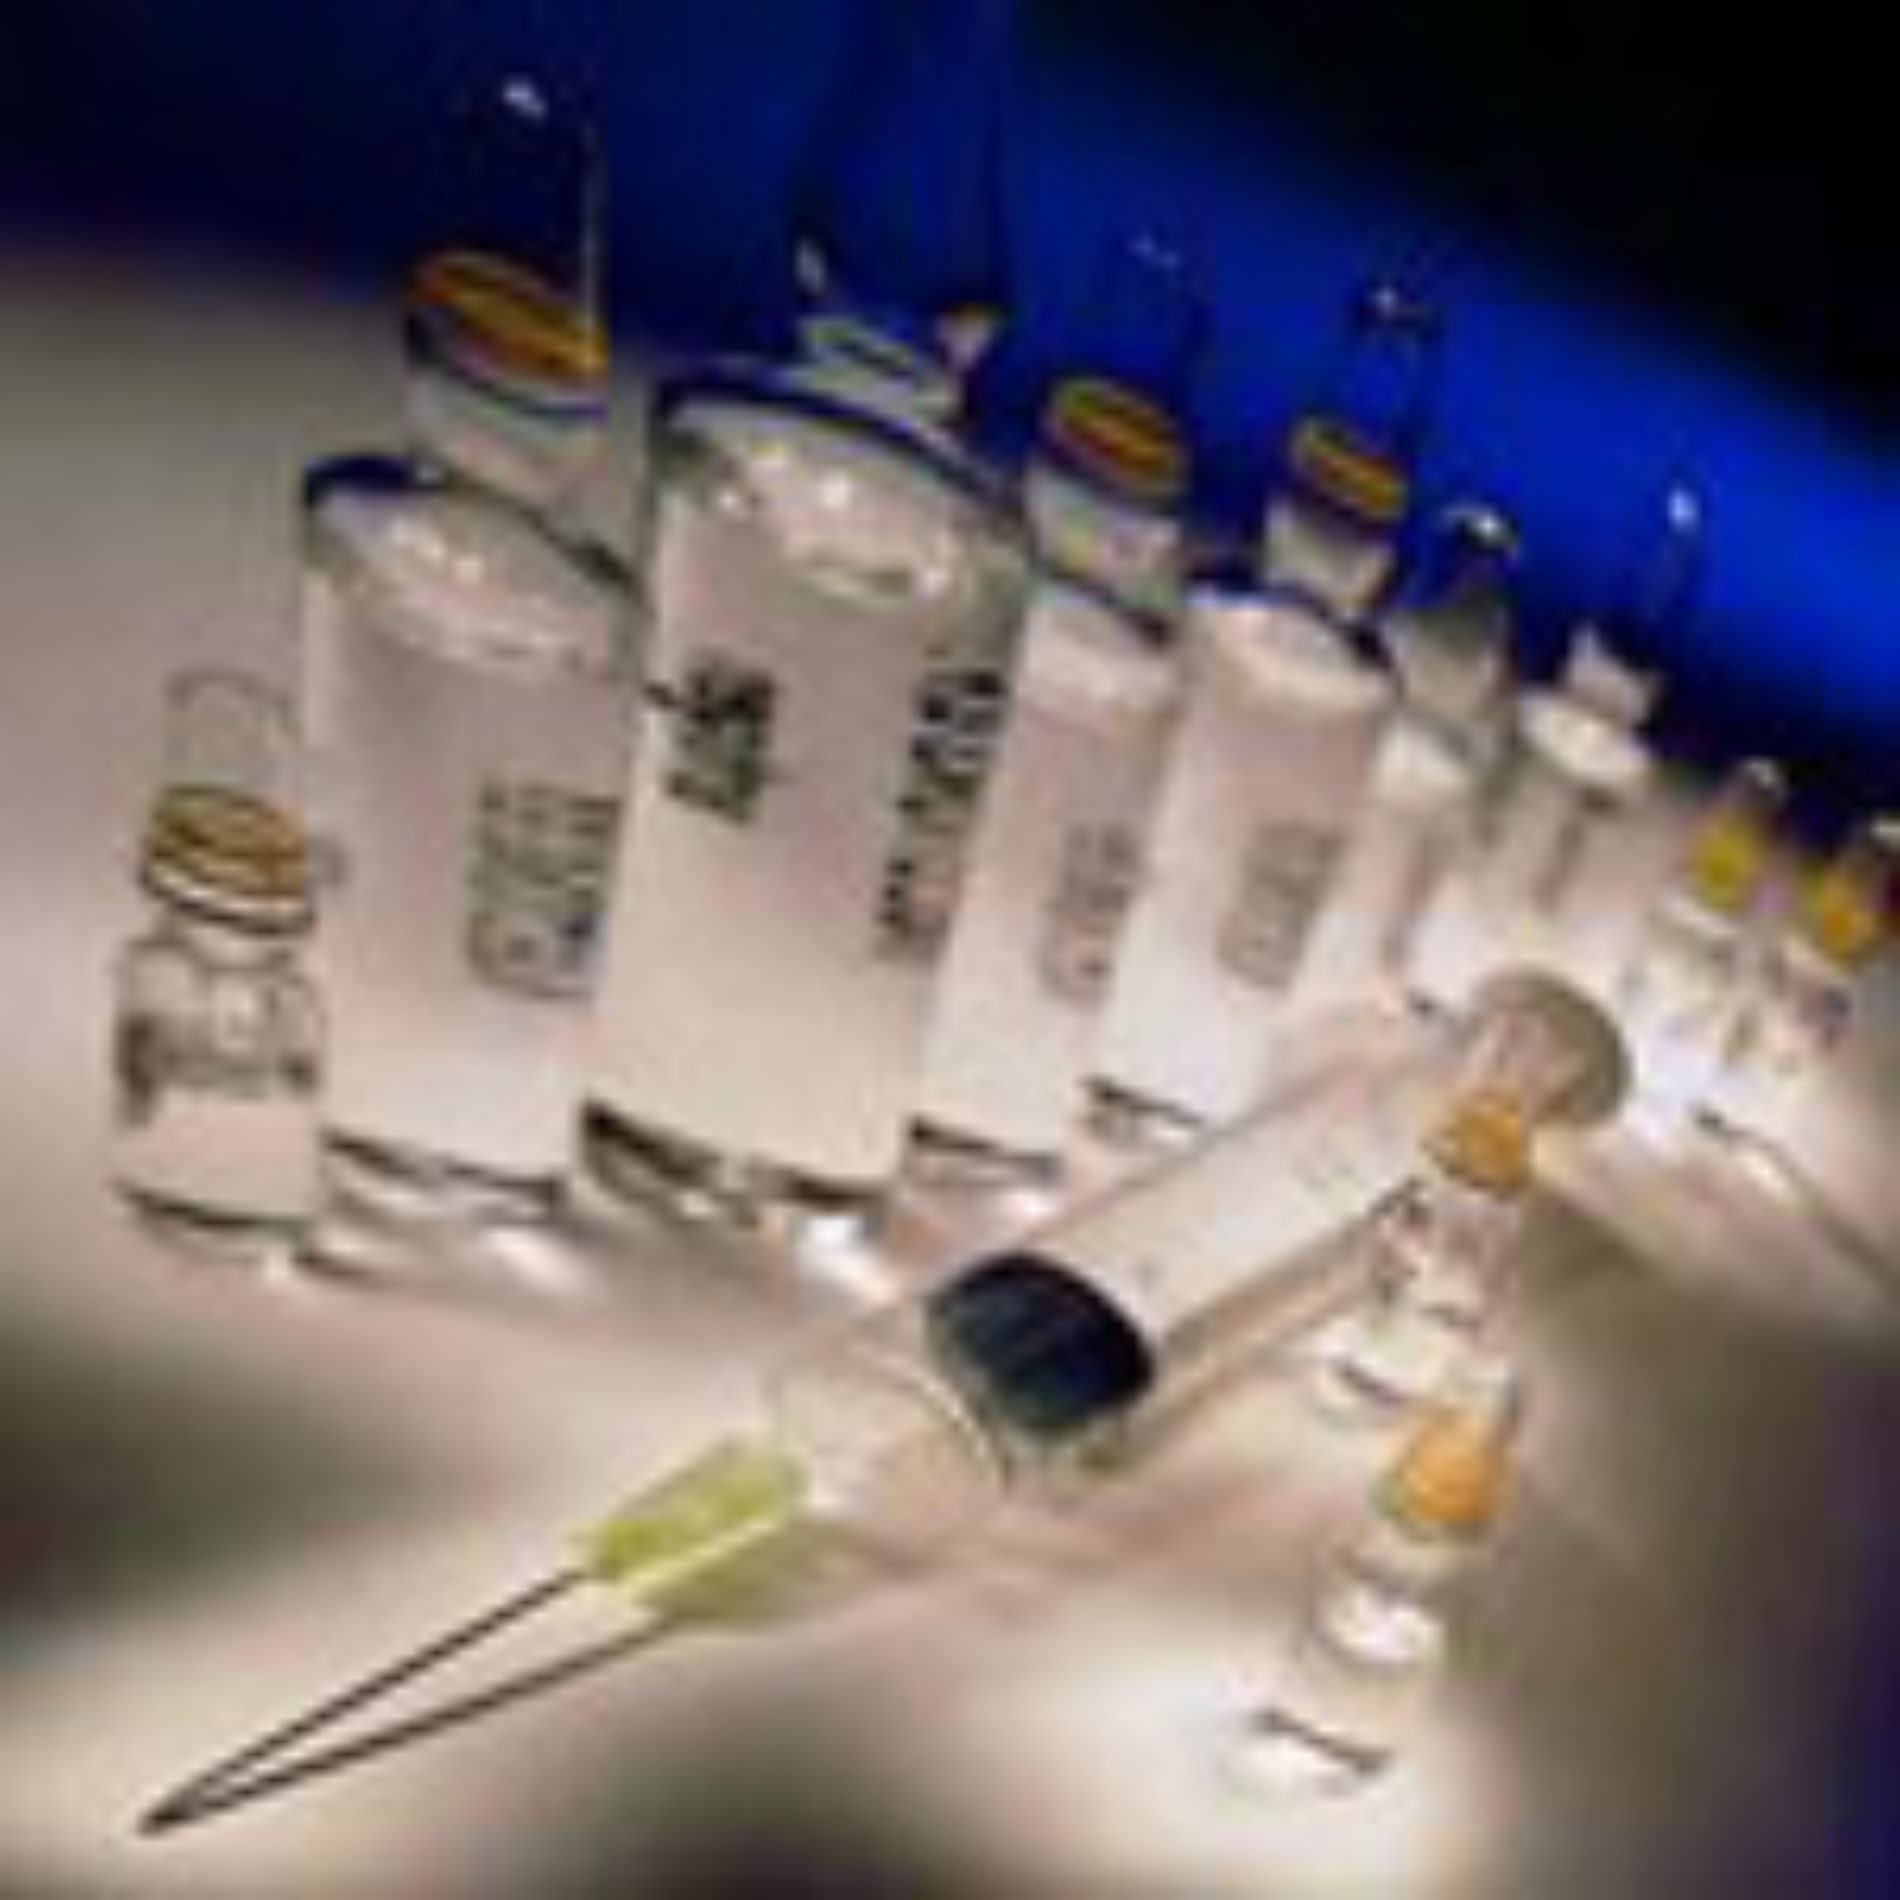 Sconfiggere le sigarette con il vaccino?